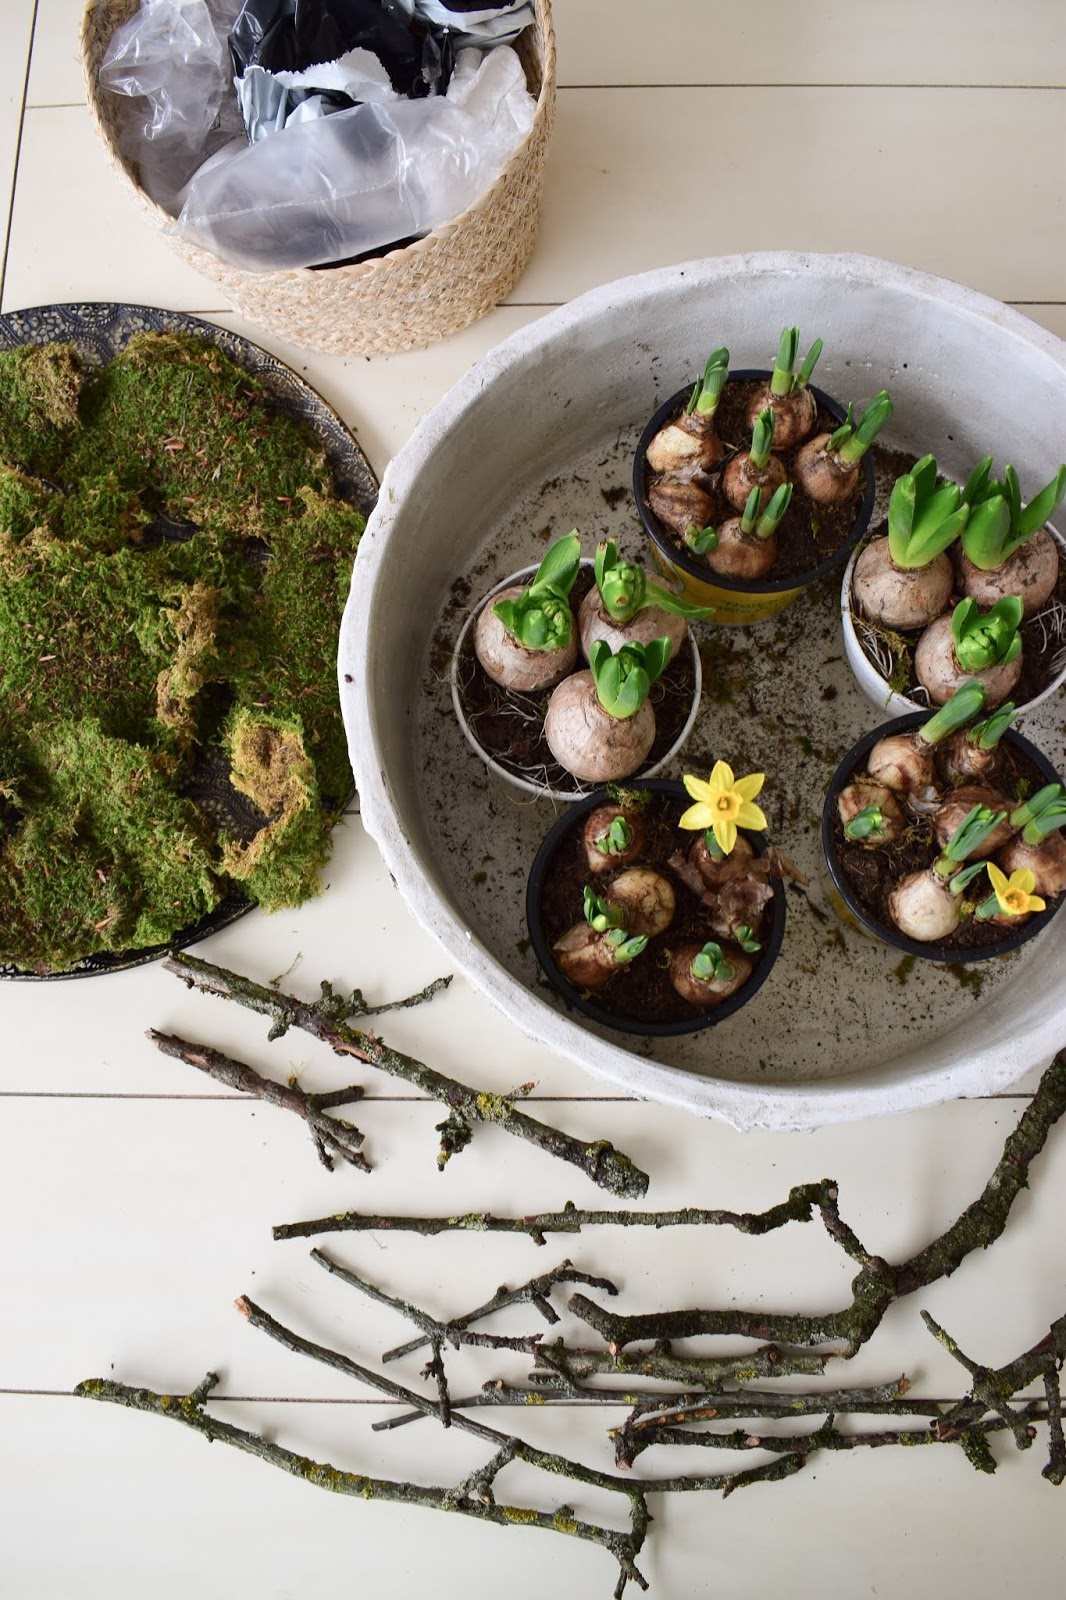 Frühlingsdeko selber machen mit Naturmaterialien: Moos, Frühlingsblüher, Zweige. Dekoidee Frühling Tischdeko natürlich basteln